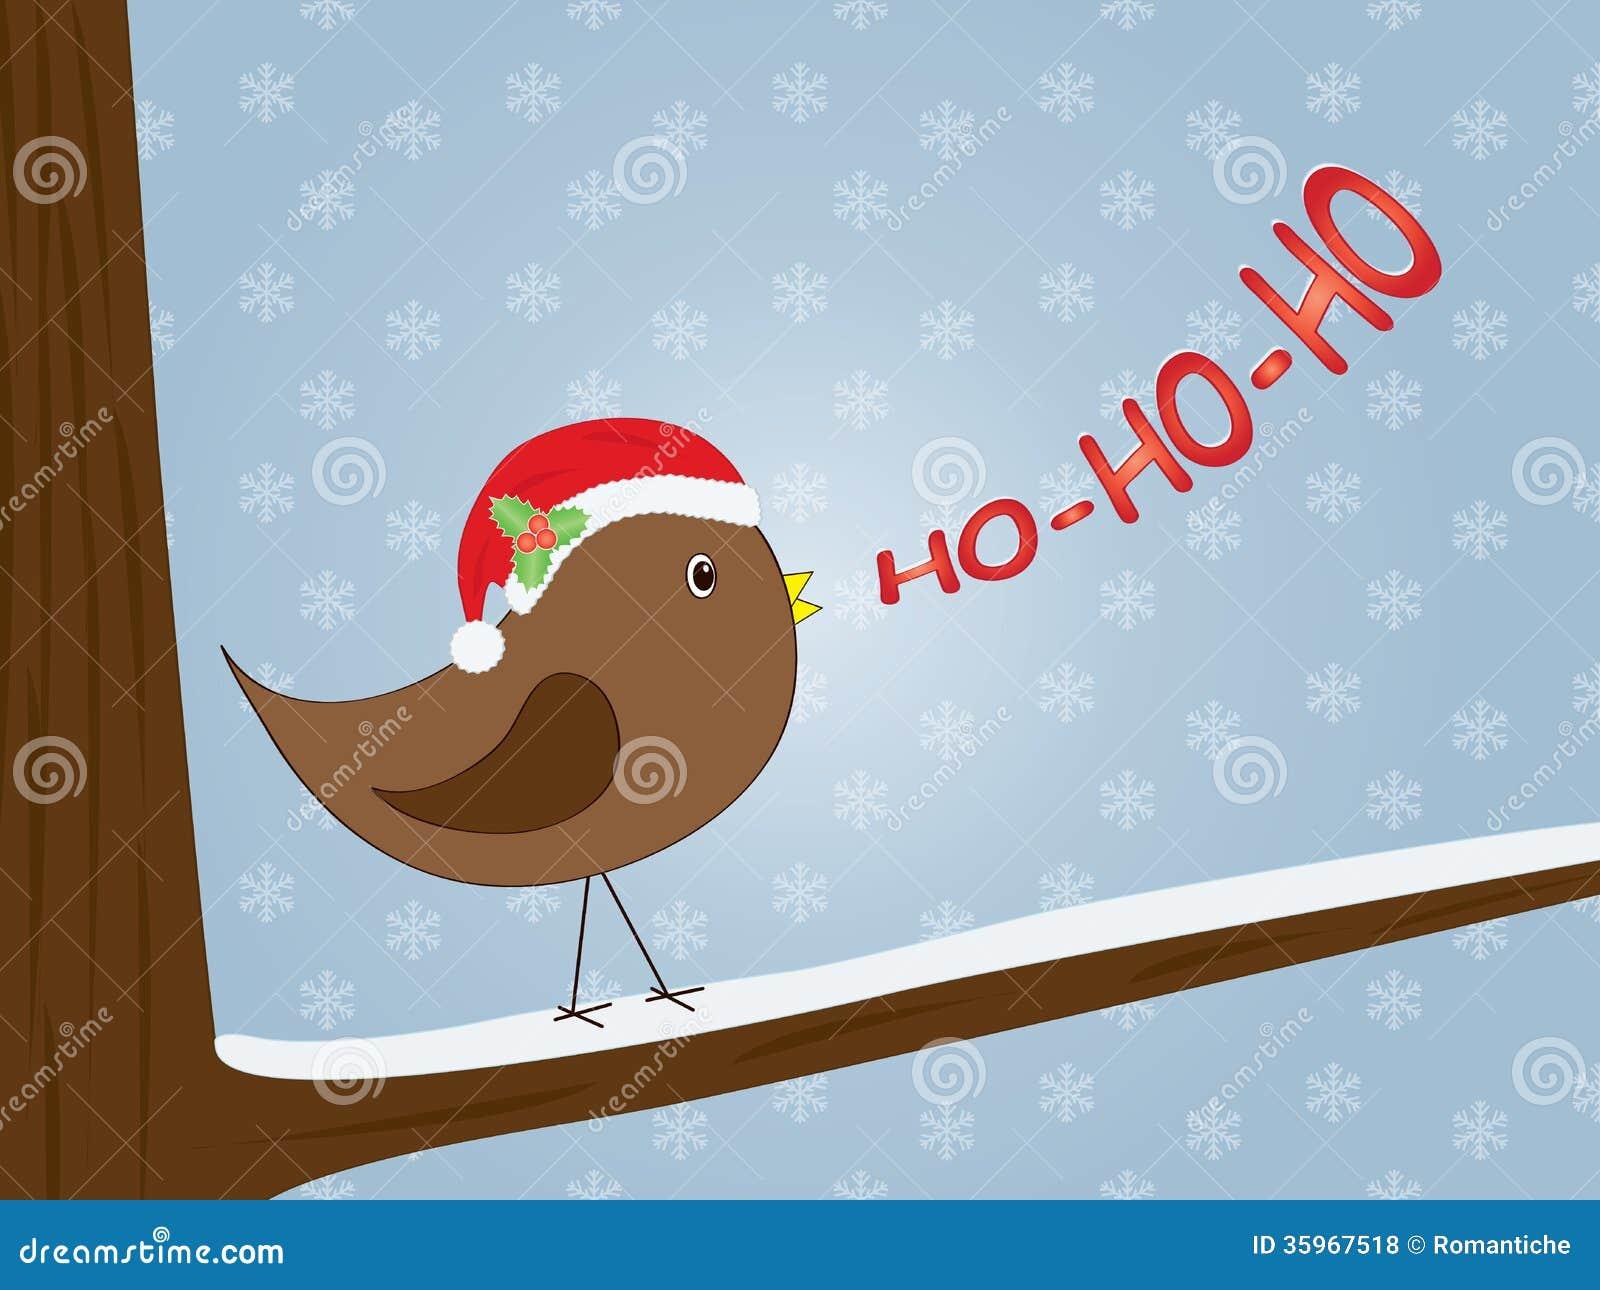 Pájaro que canta ho-ho-ho